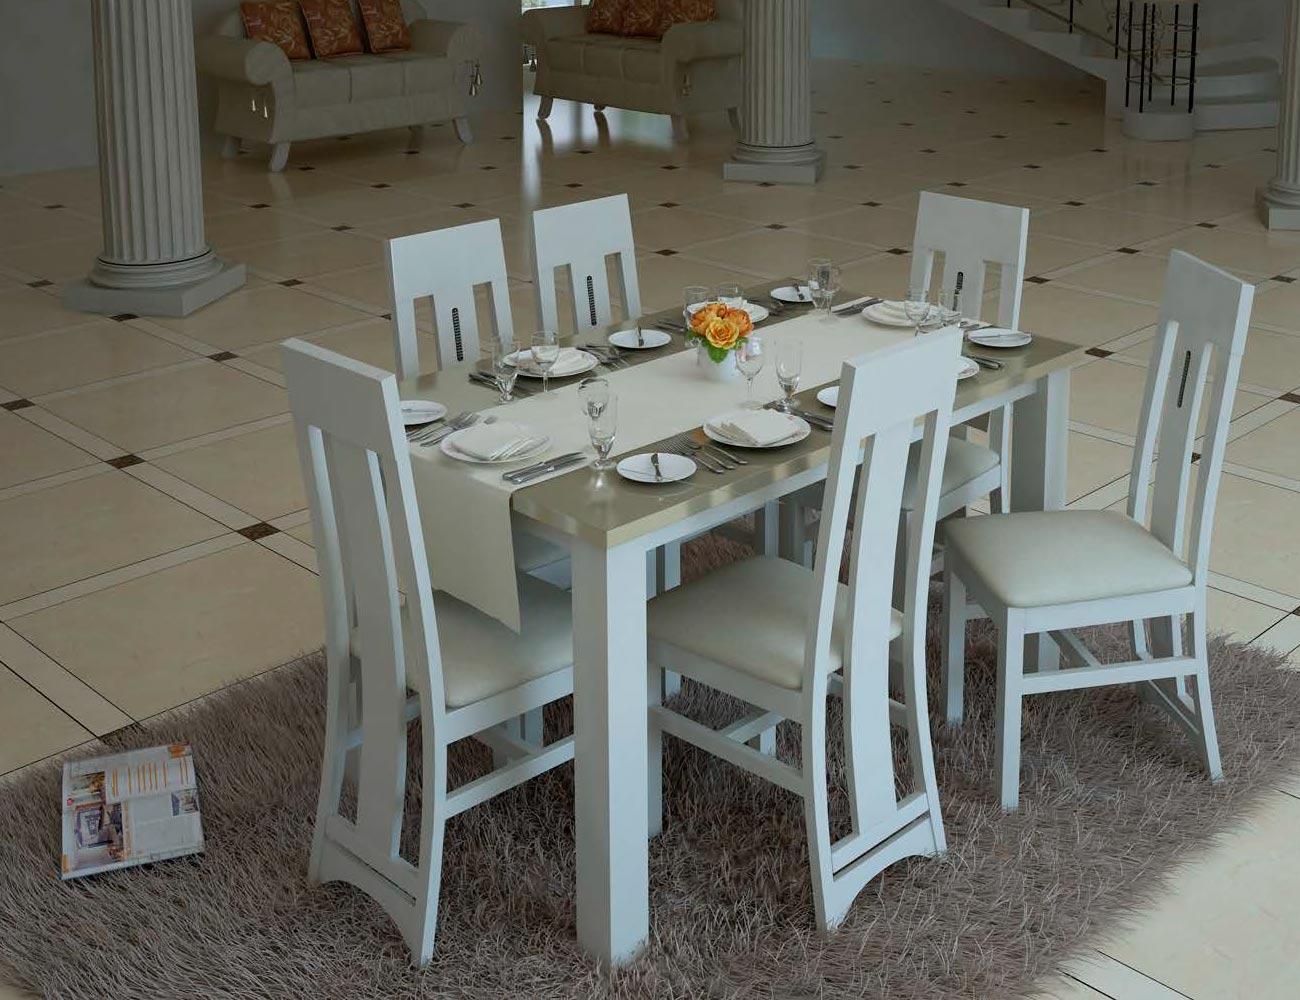 Mesa sillas neoclasico color 504 t6033